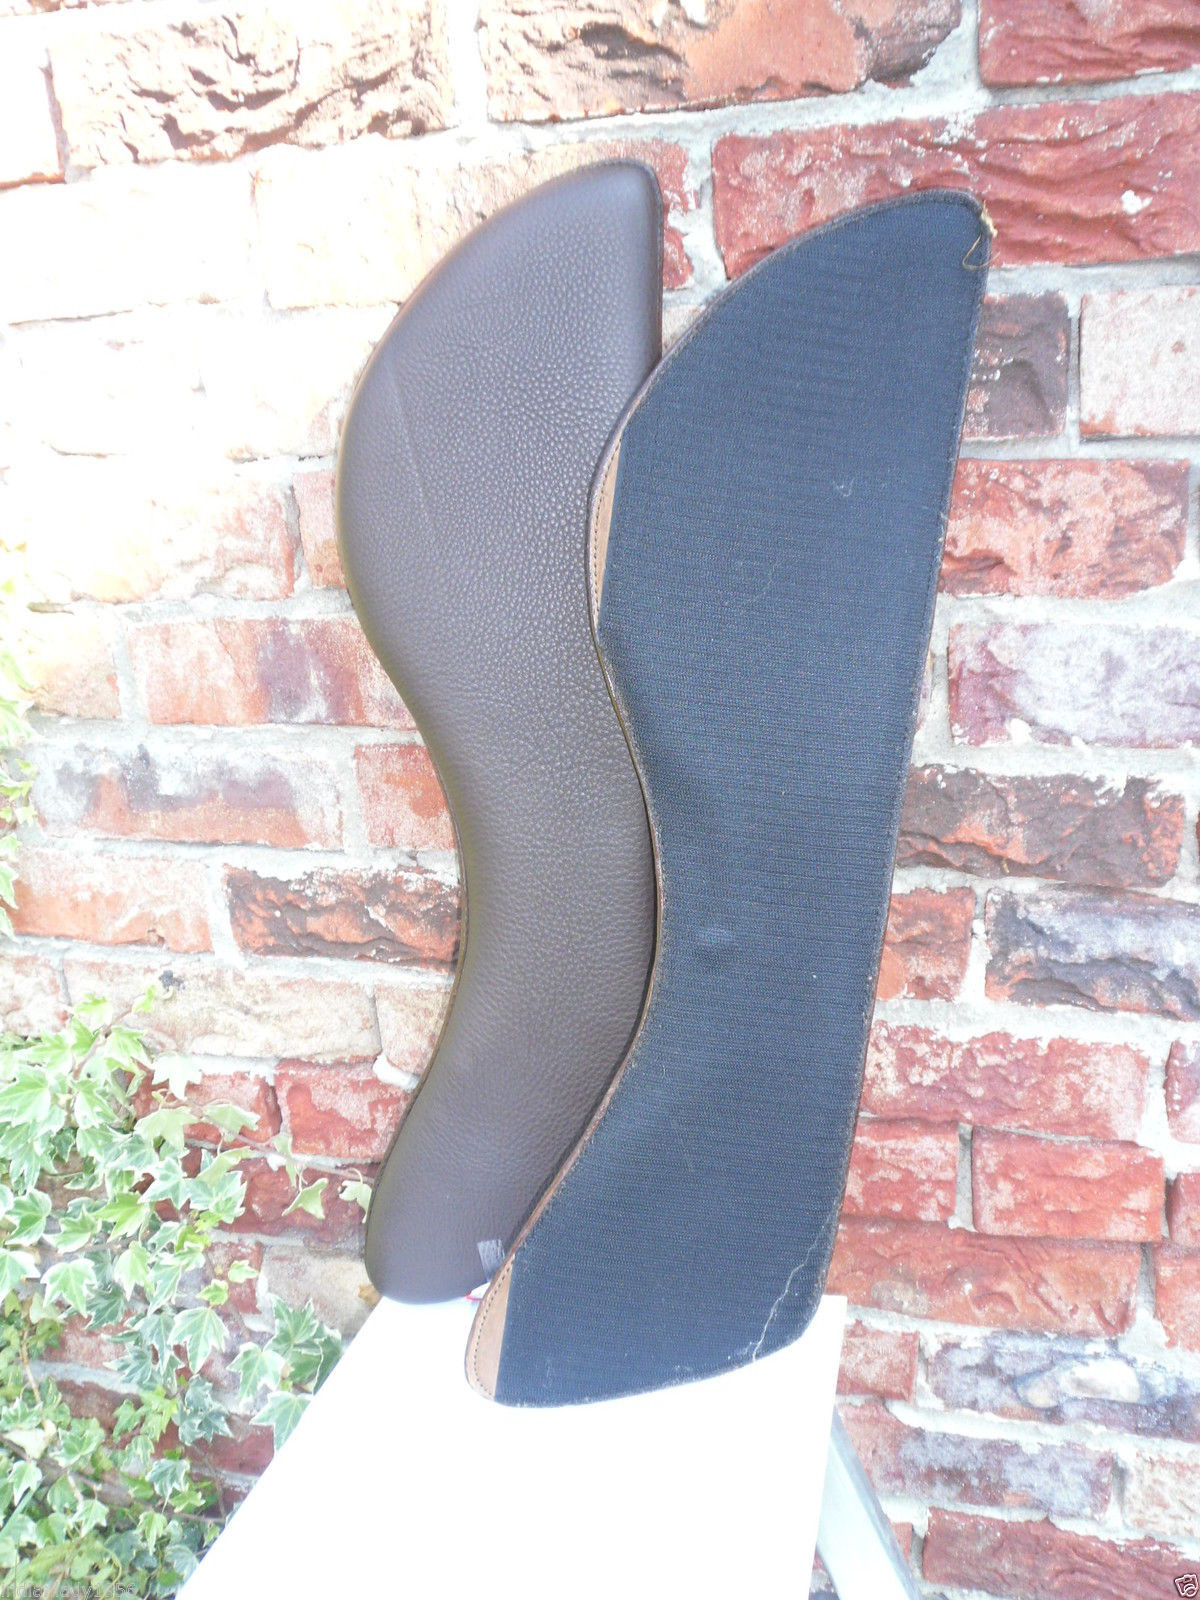 Klettkissen für Startrekk Western und Comfort, verschiedene (Modell bis 2014)